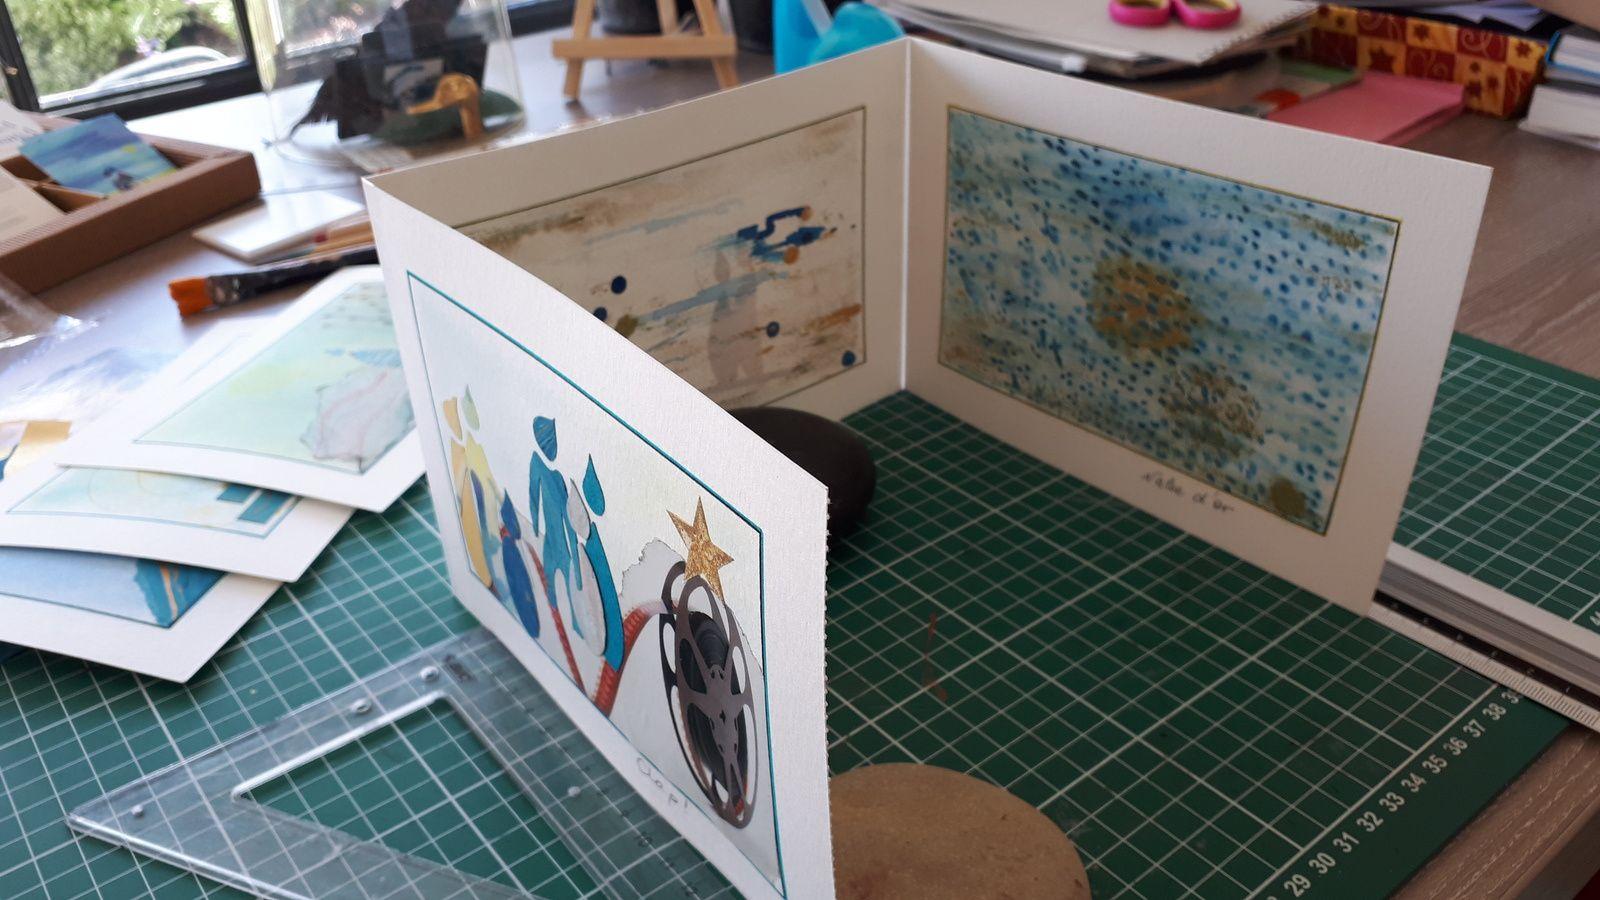 """Les Collages d'eMmA MessanA, 18 août 2019 dans l'atelier, début de l'assemblage du livre-objet """"Ruhe"""" © eMmA MessanA"""